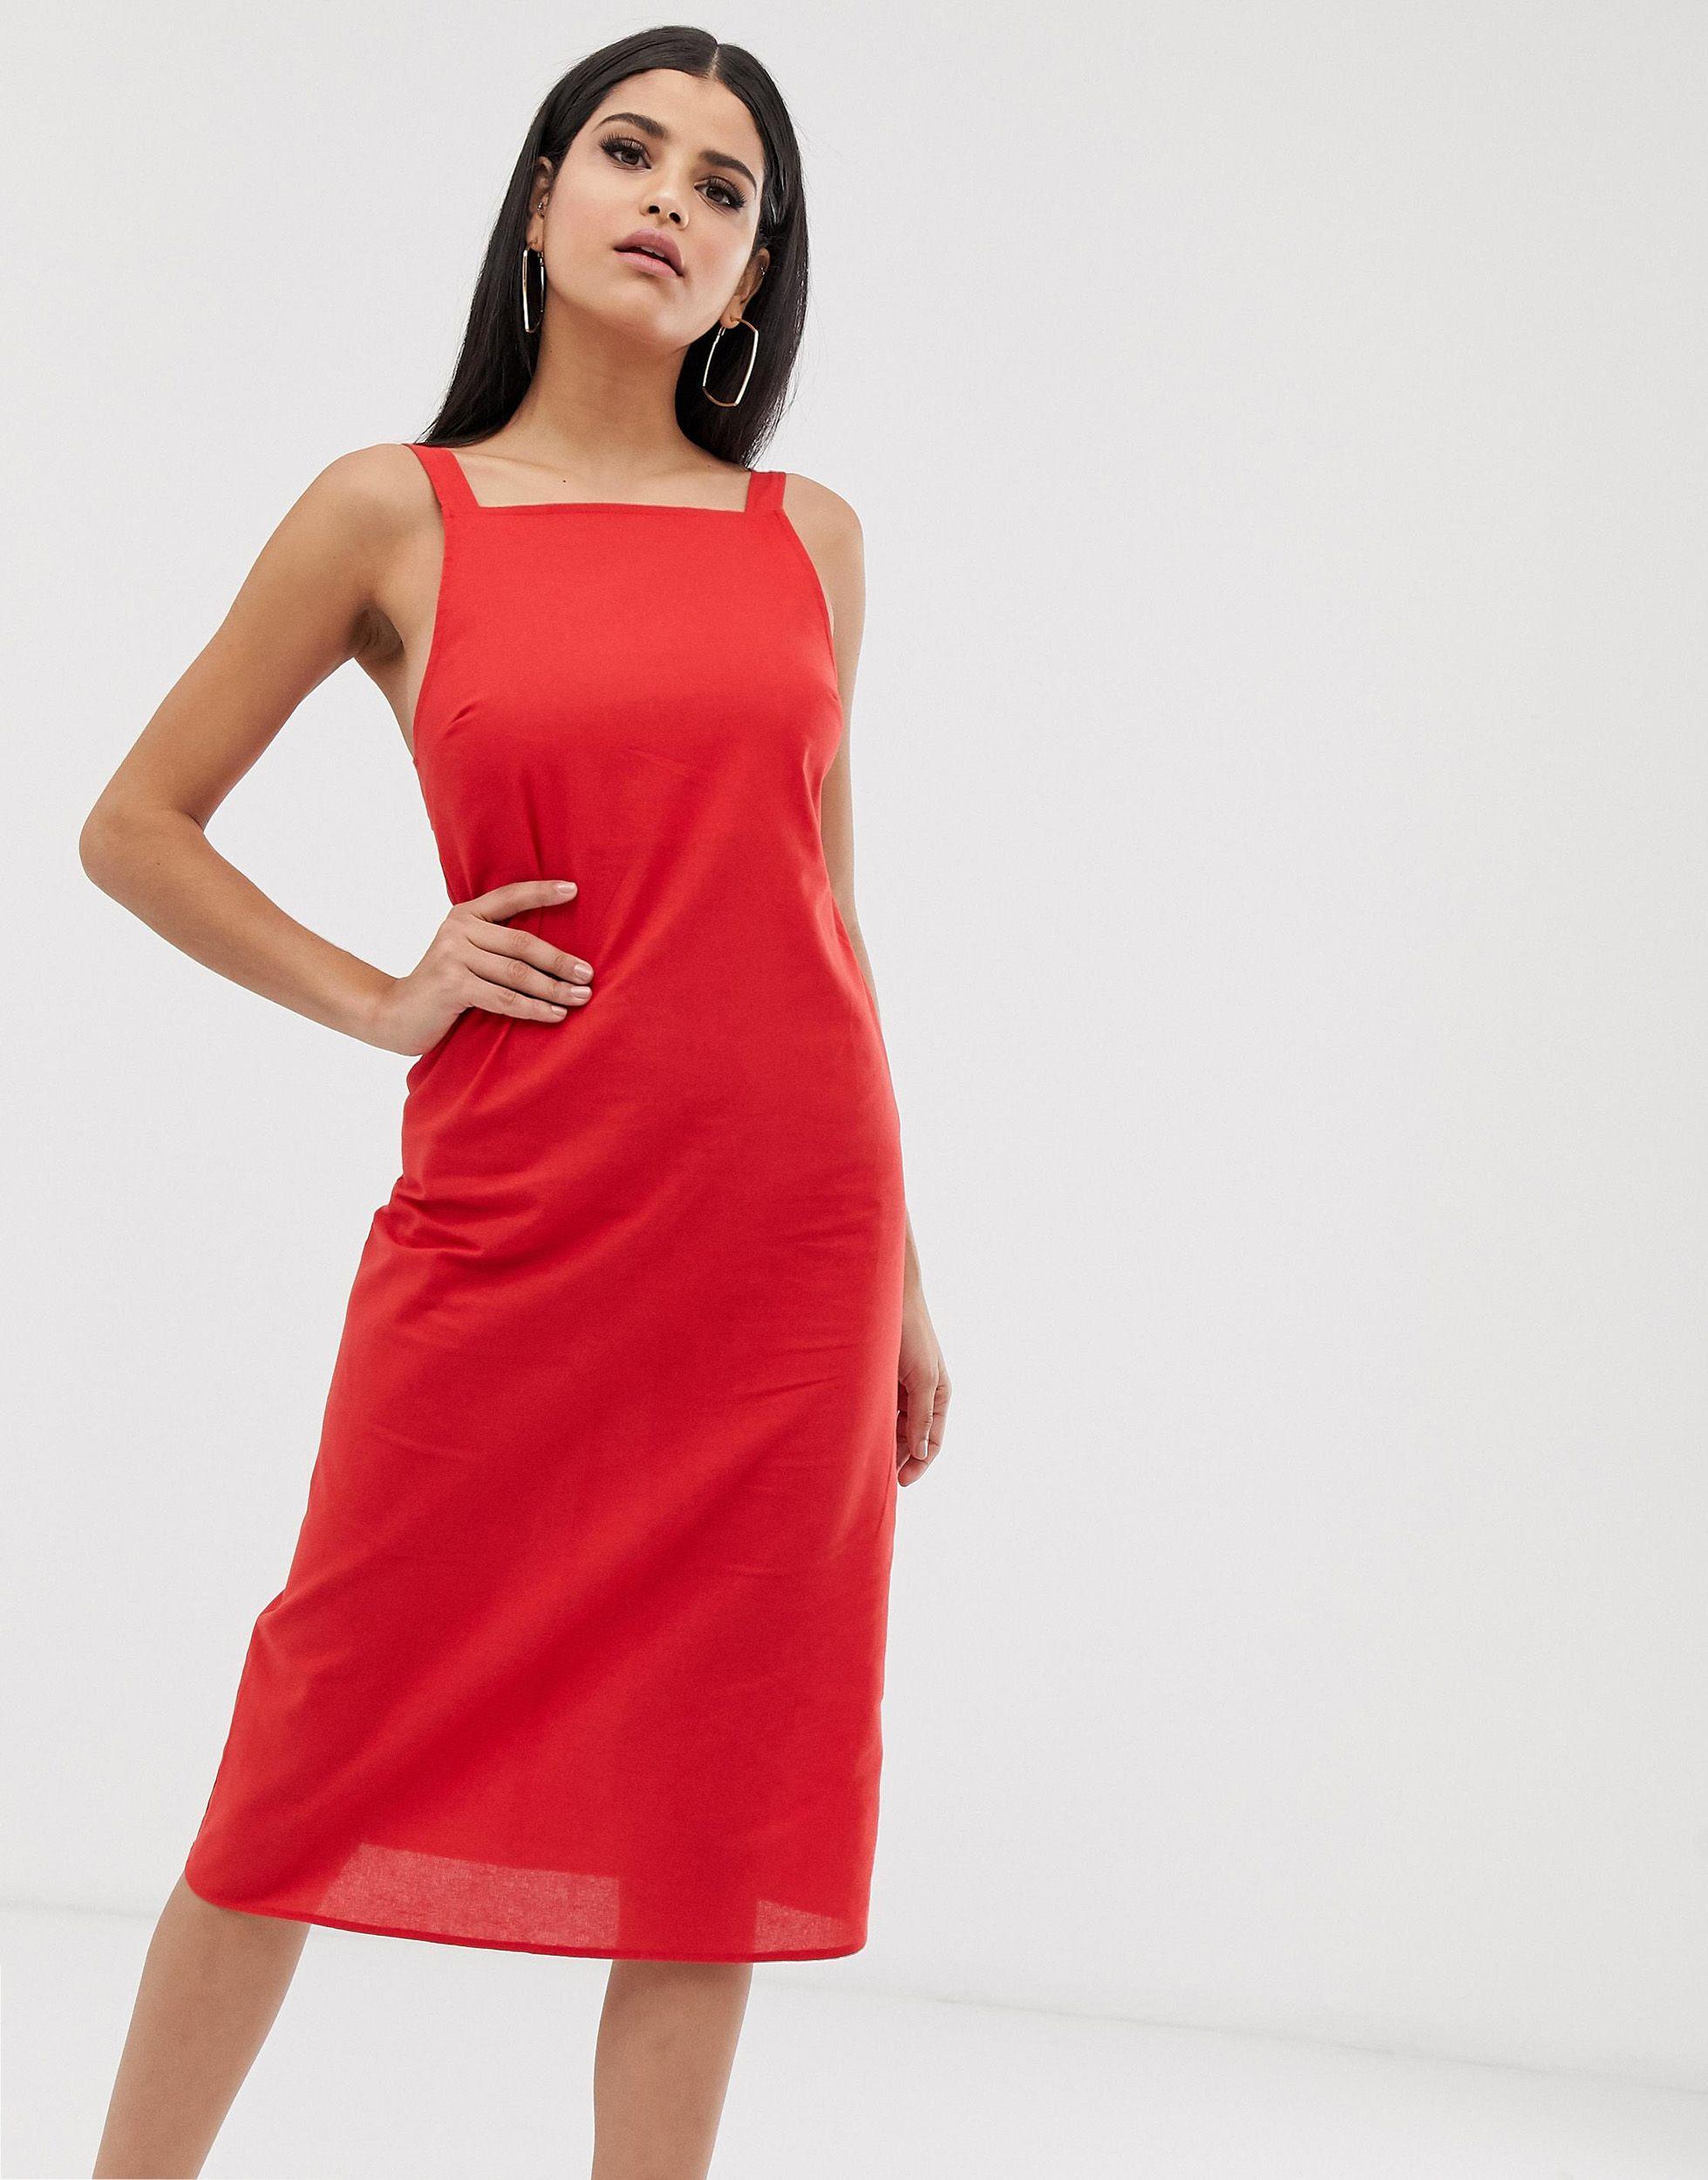 ASOS DESIGN Tall - Robe d'été mi-longue avec boucle au dos Coton ASOS en coloris Rouge